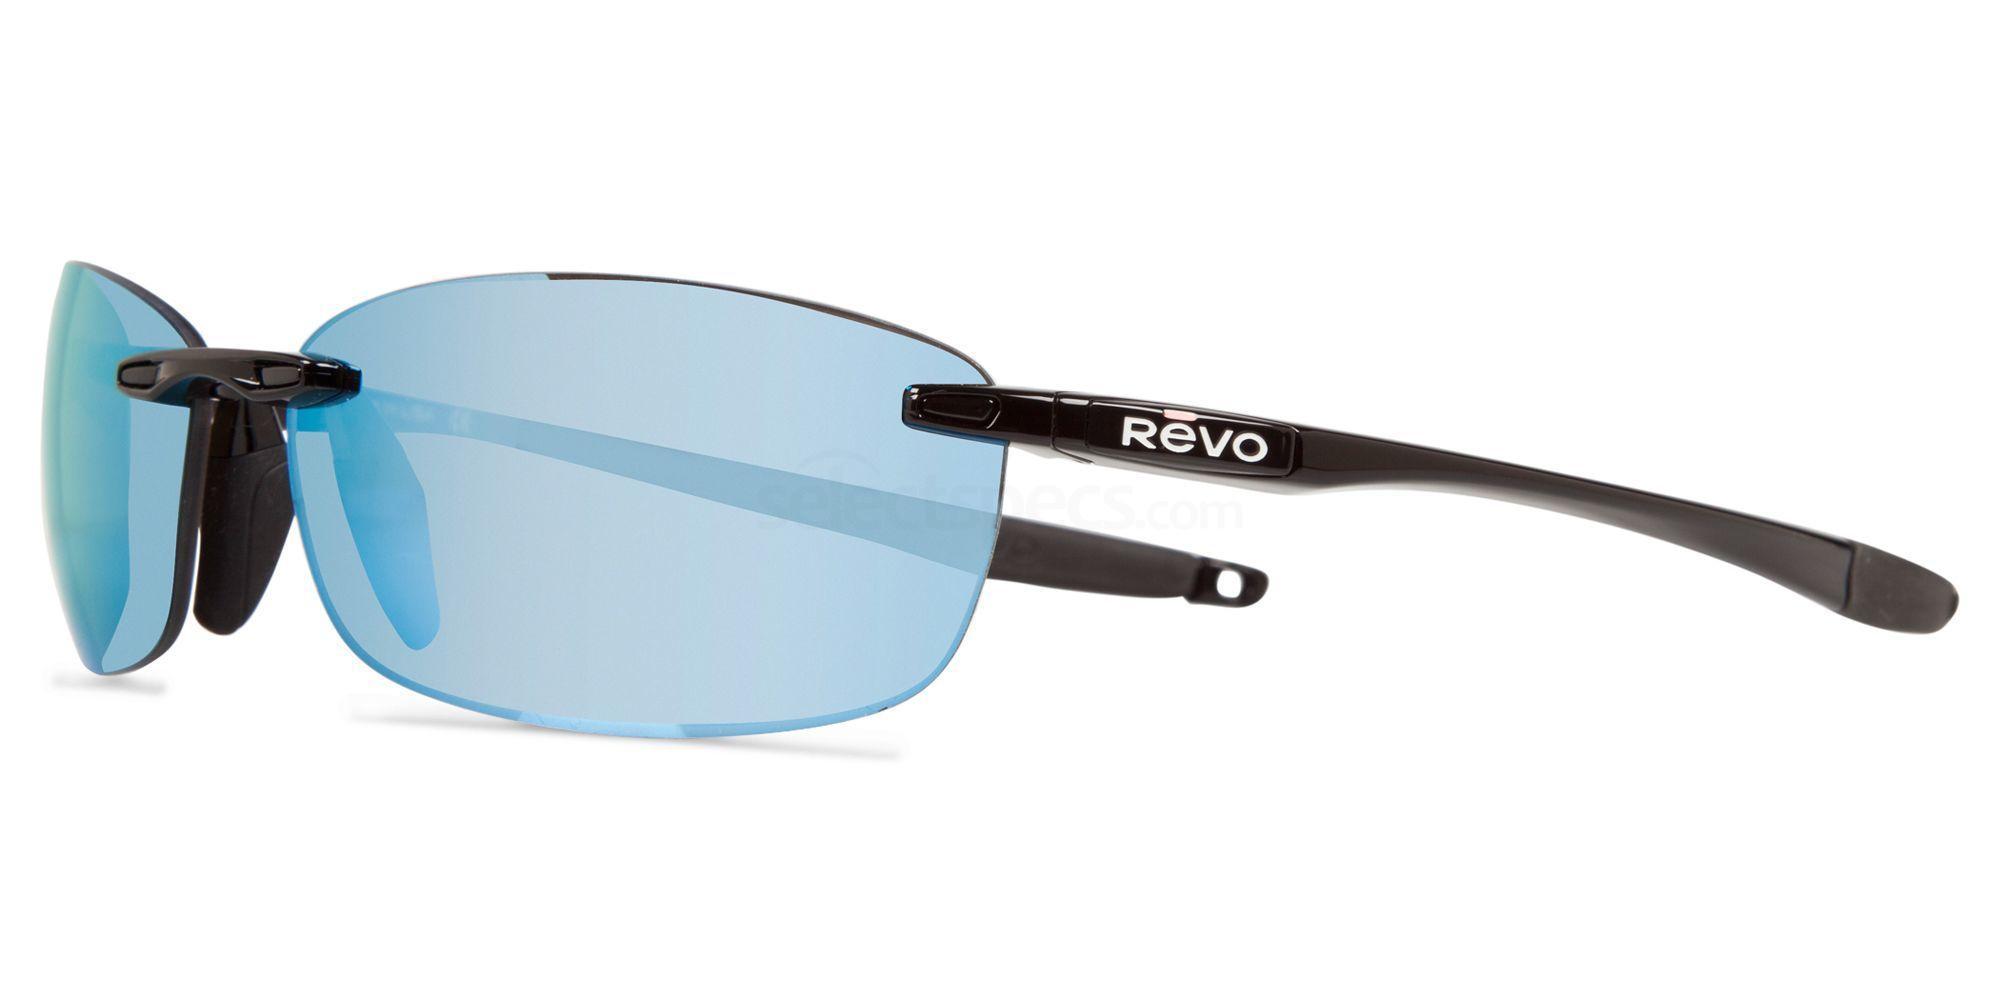 01BL Descend E - 354060 Sunglasses, Revo